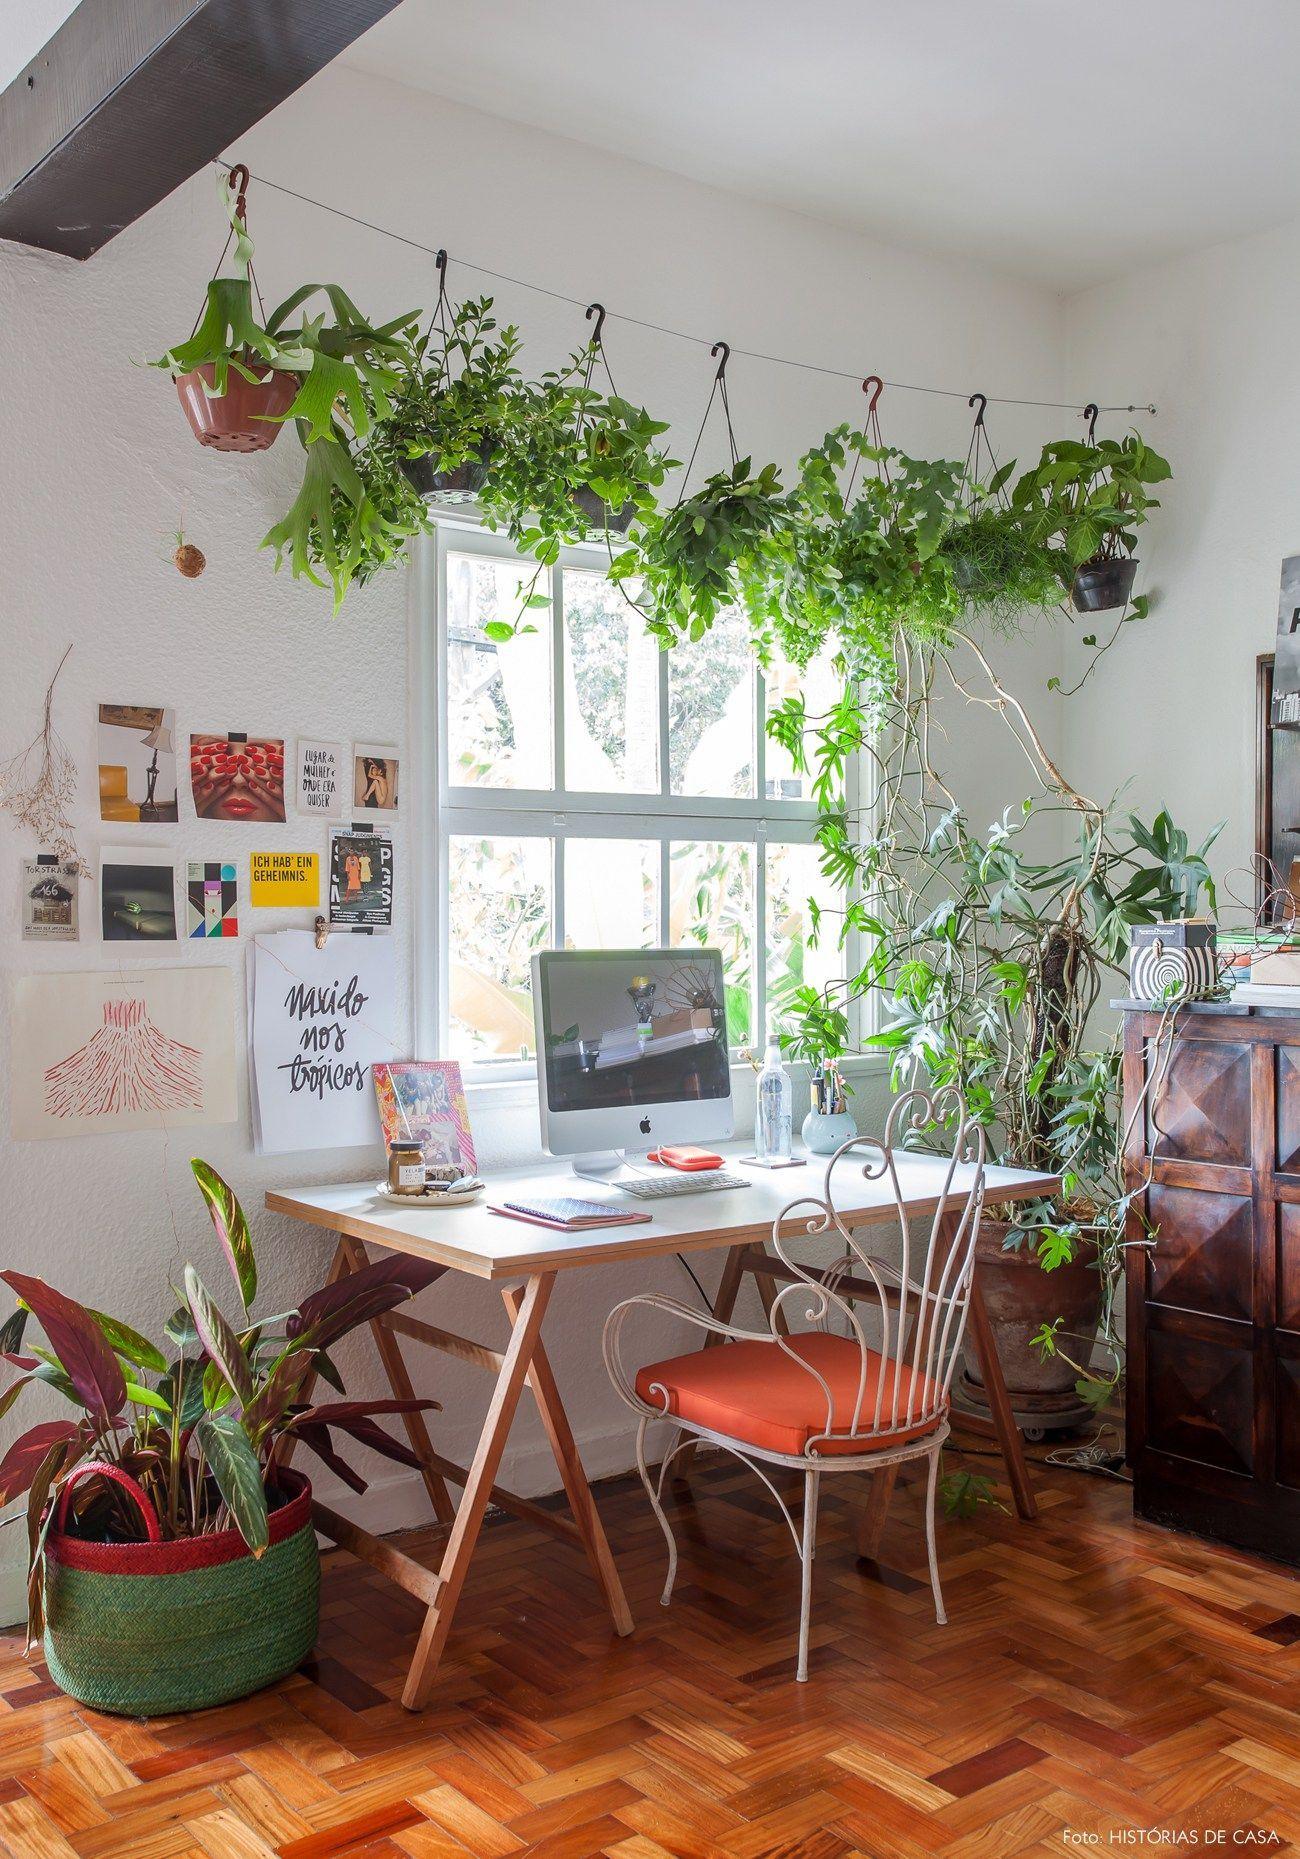 Decoracion Con Plantas Casa Hogar Decoracion De Interiores Decoracion De Unas Disenos De Unas